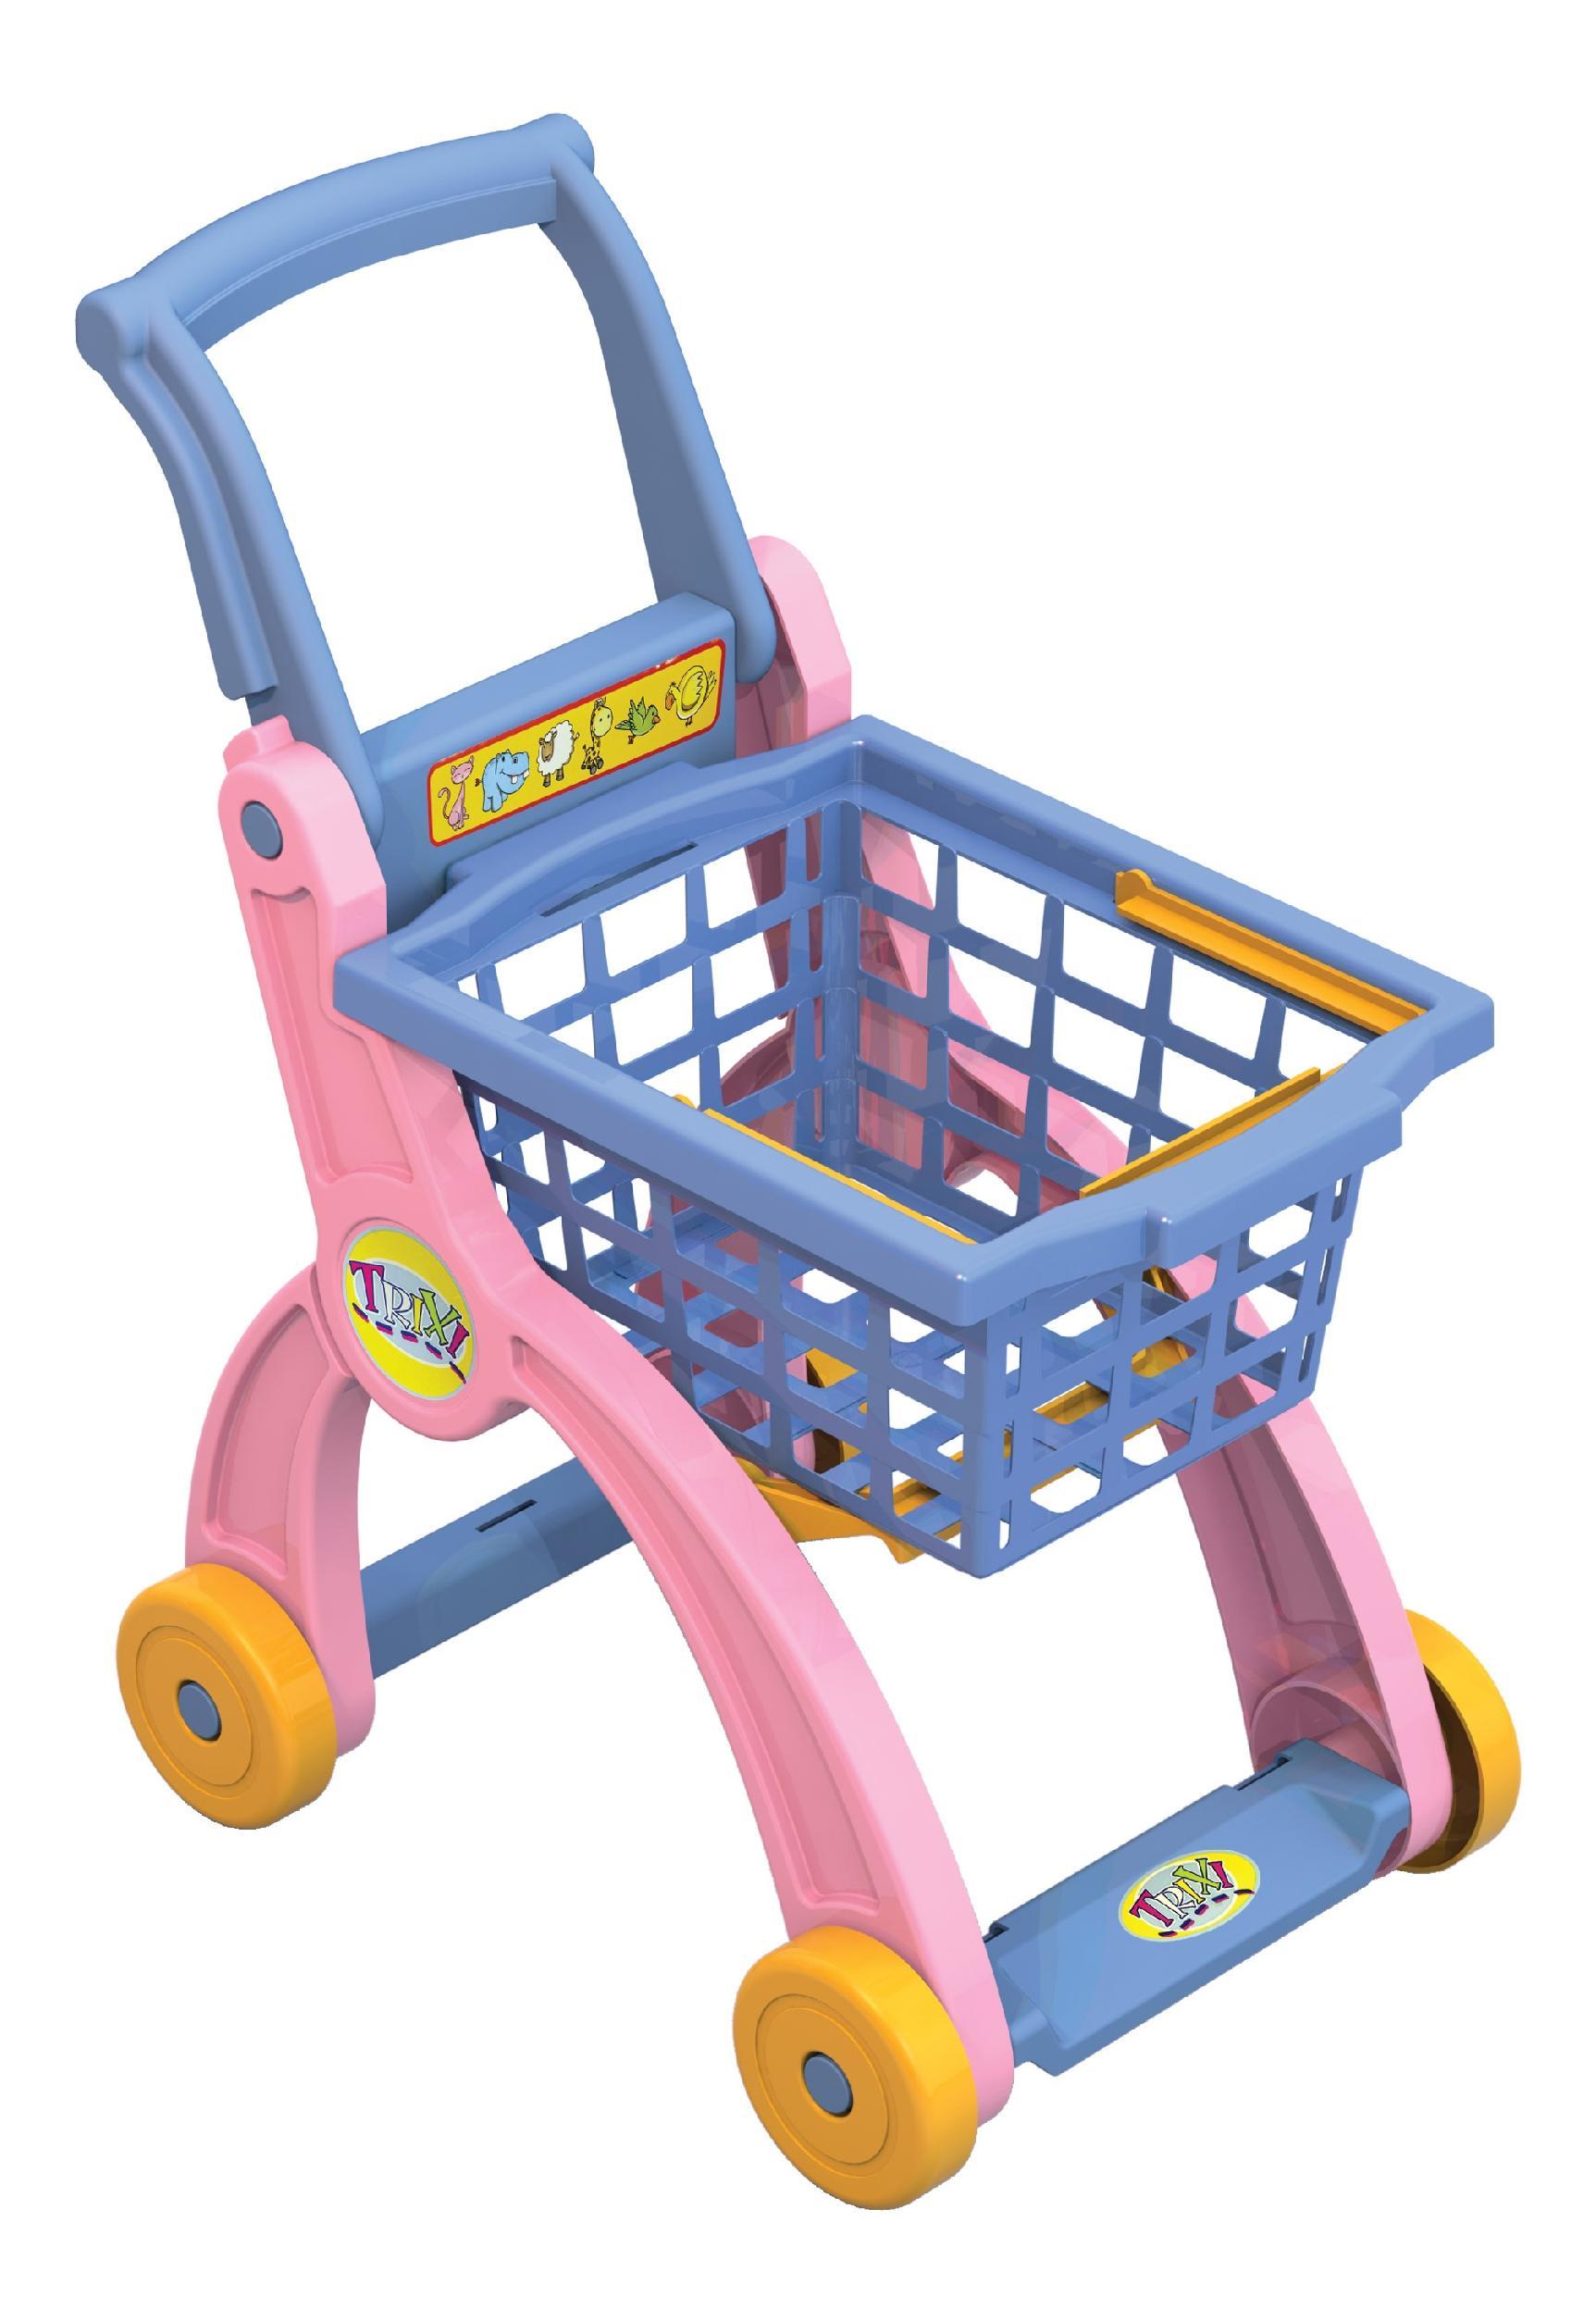 Купить 431103, Тележка для магазина, НОРДПЛАСТ, Детские тележки для супермаркета